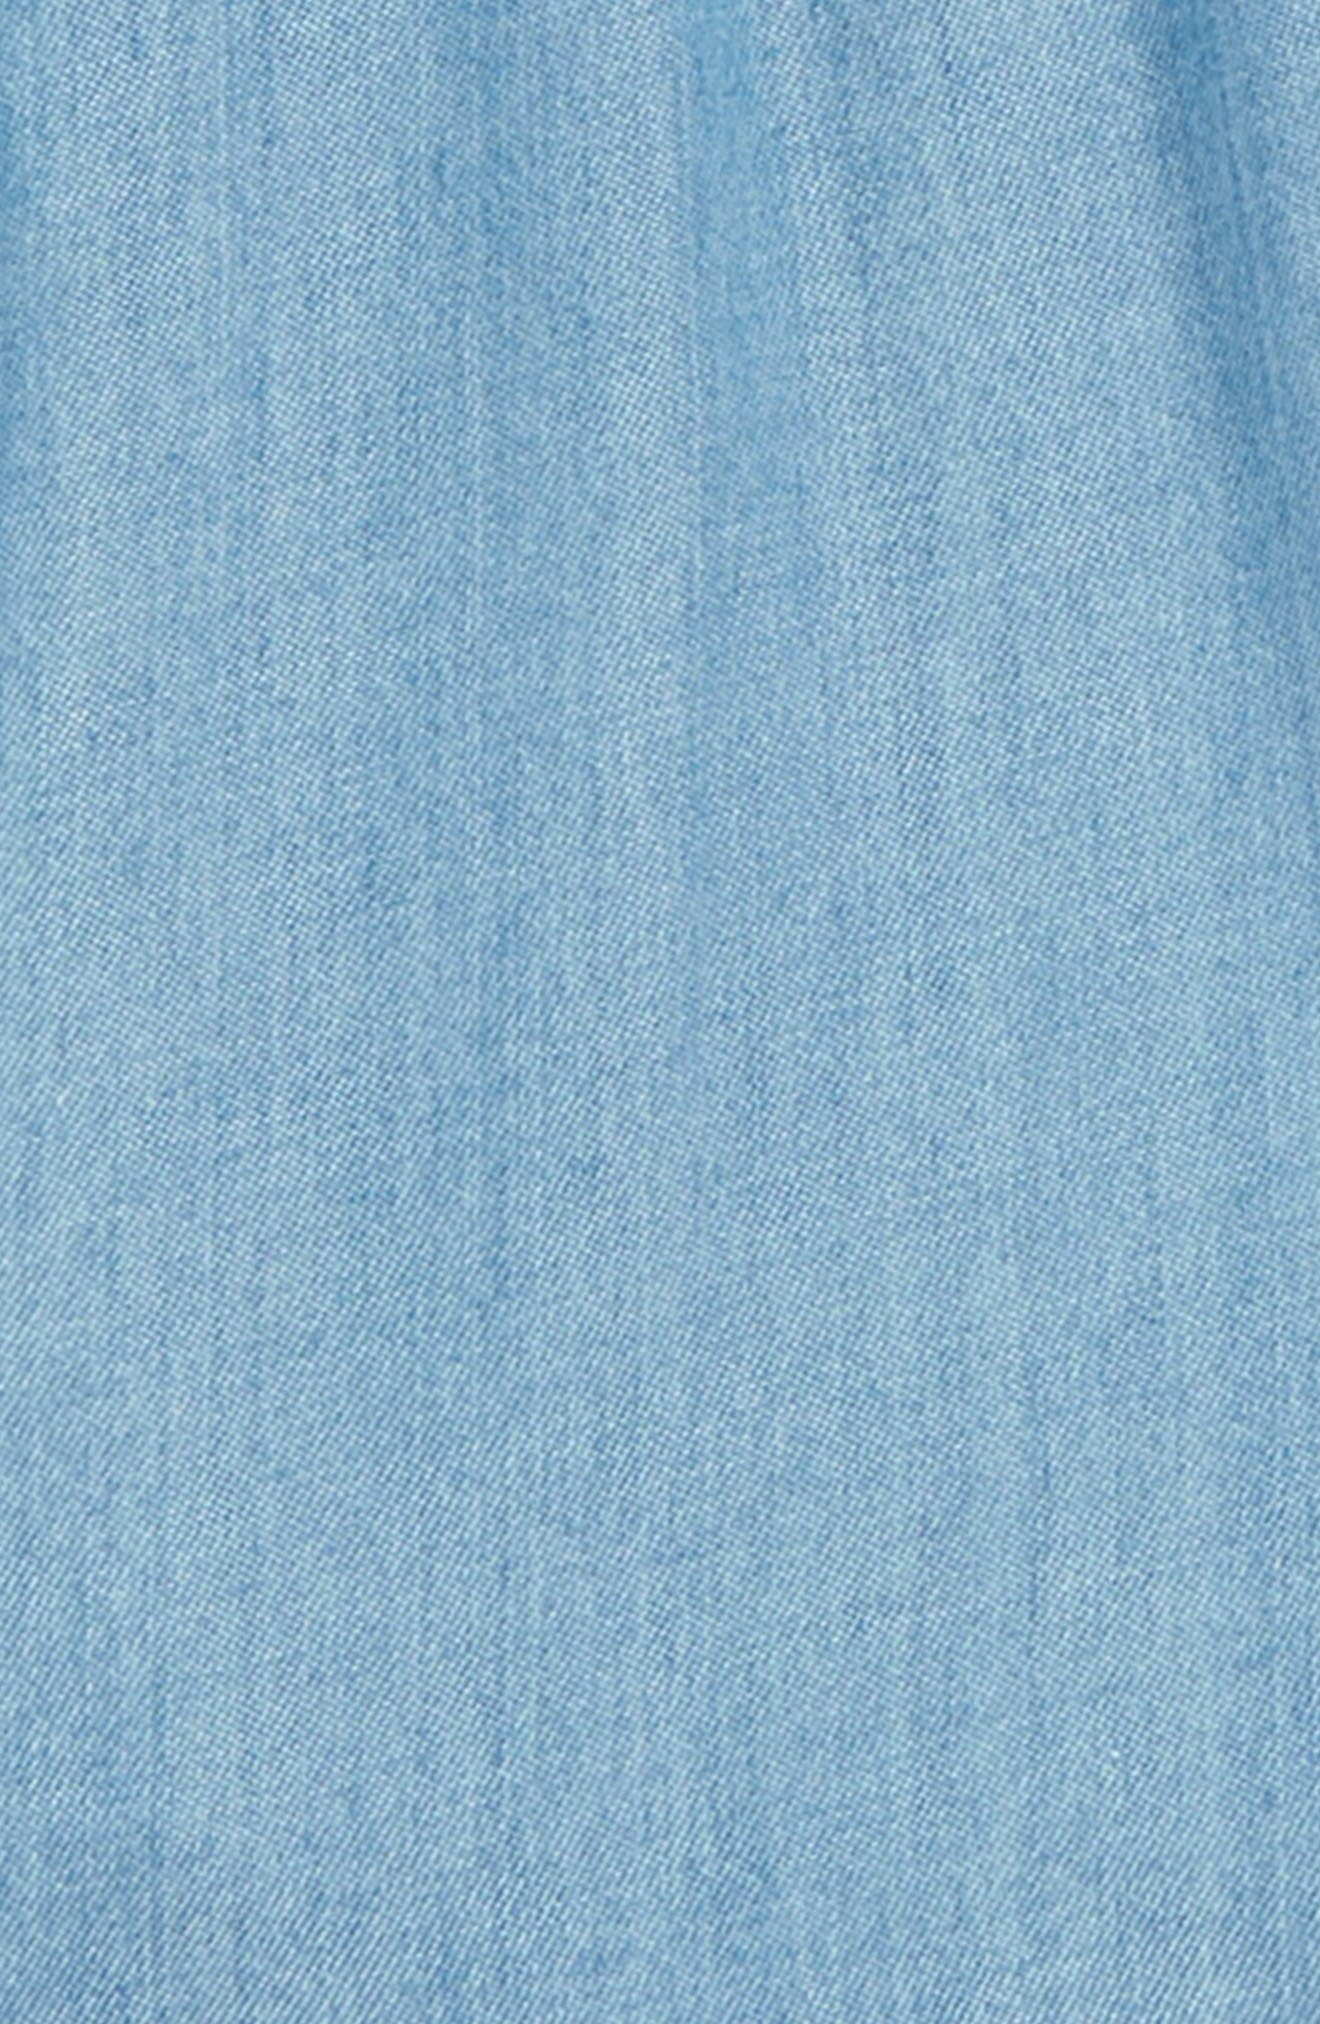 Ruffle Chambray Shorts,                             Alternate thumbnail 2, color,                             River Blue Wash